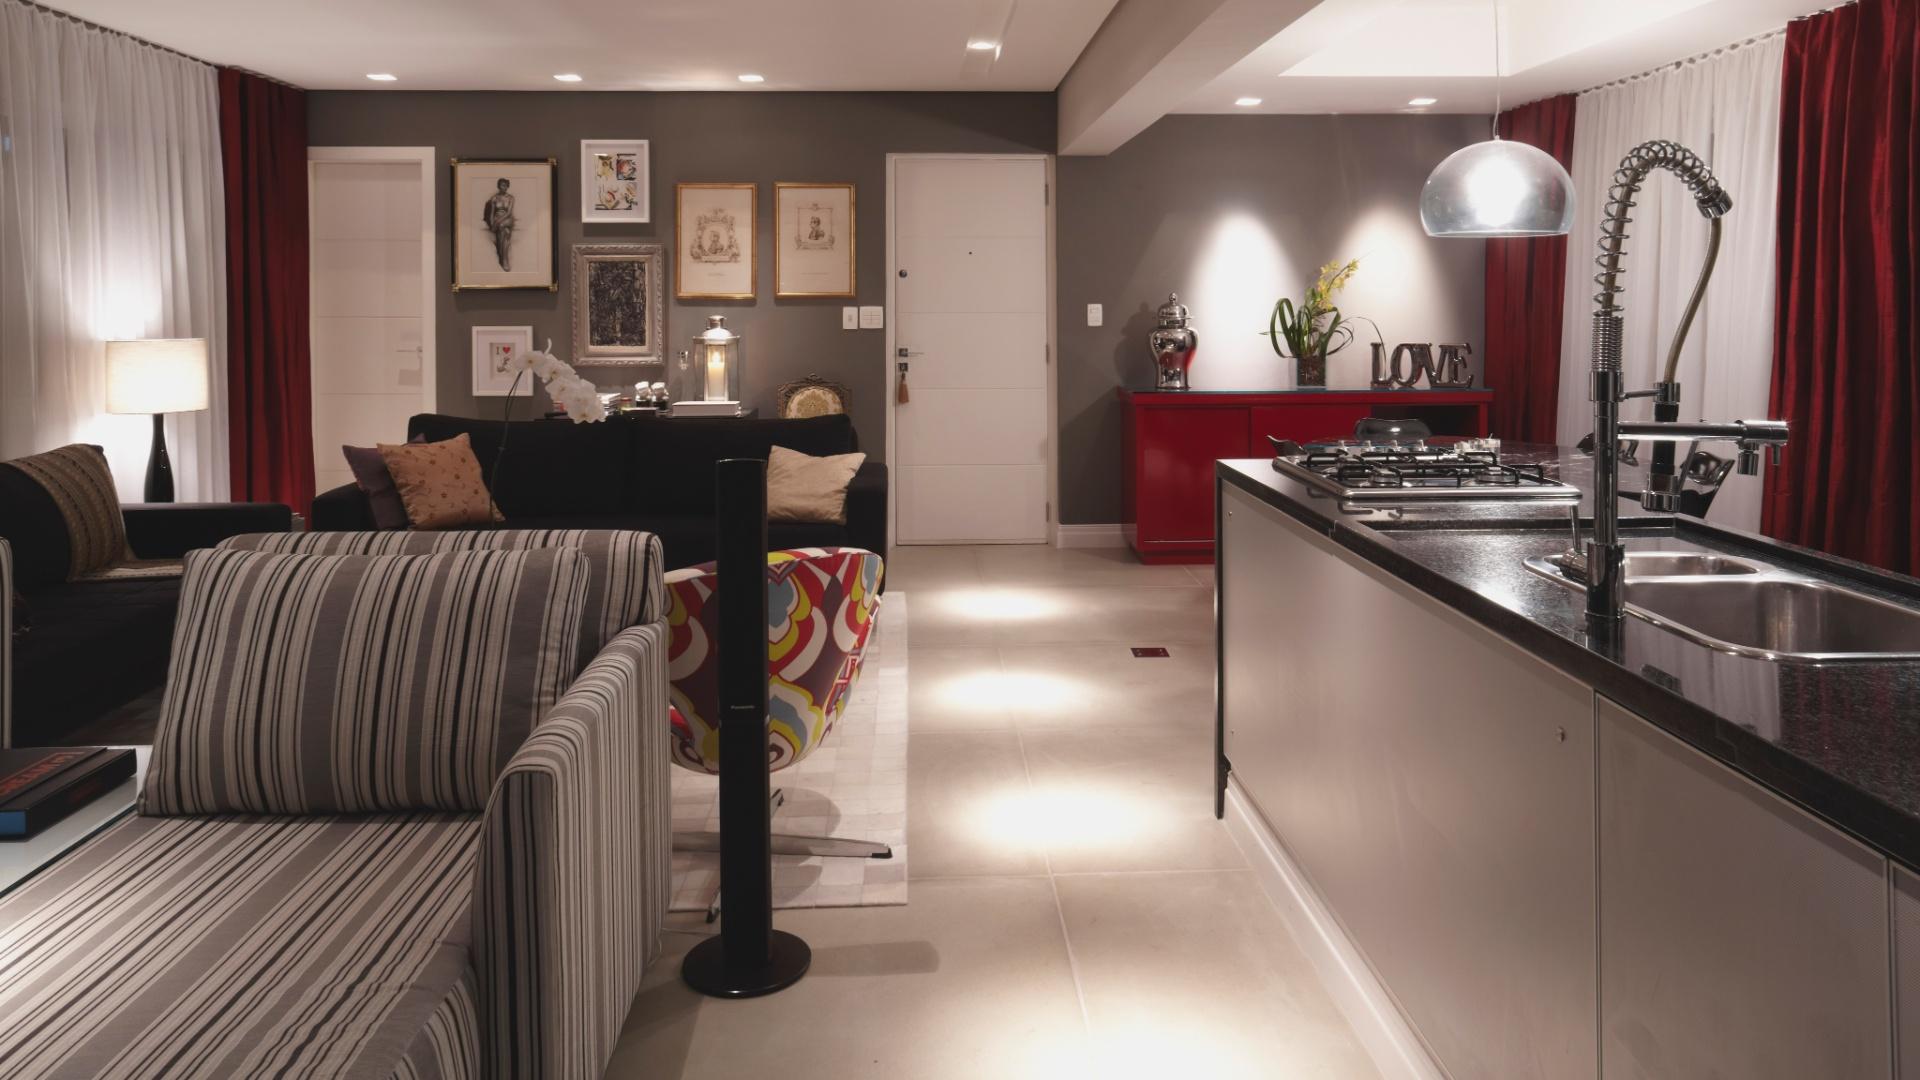 assinado pelos arquitetos Adine Woda e Artur Ferreira a cozinha  #933838 1920 1080